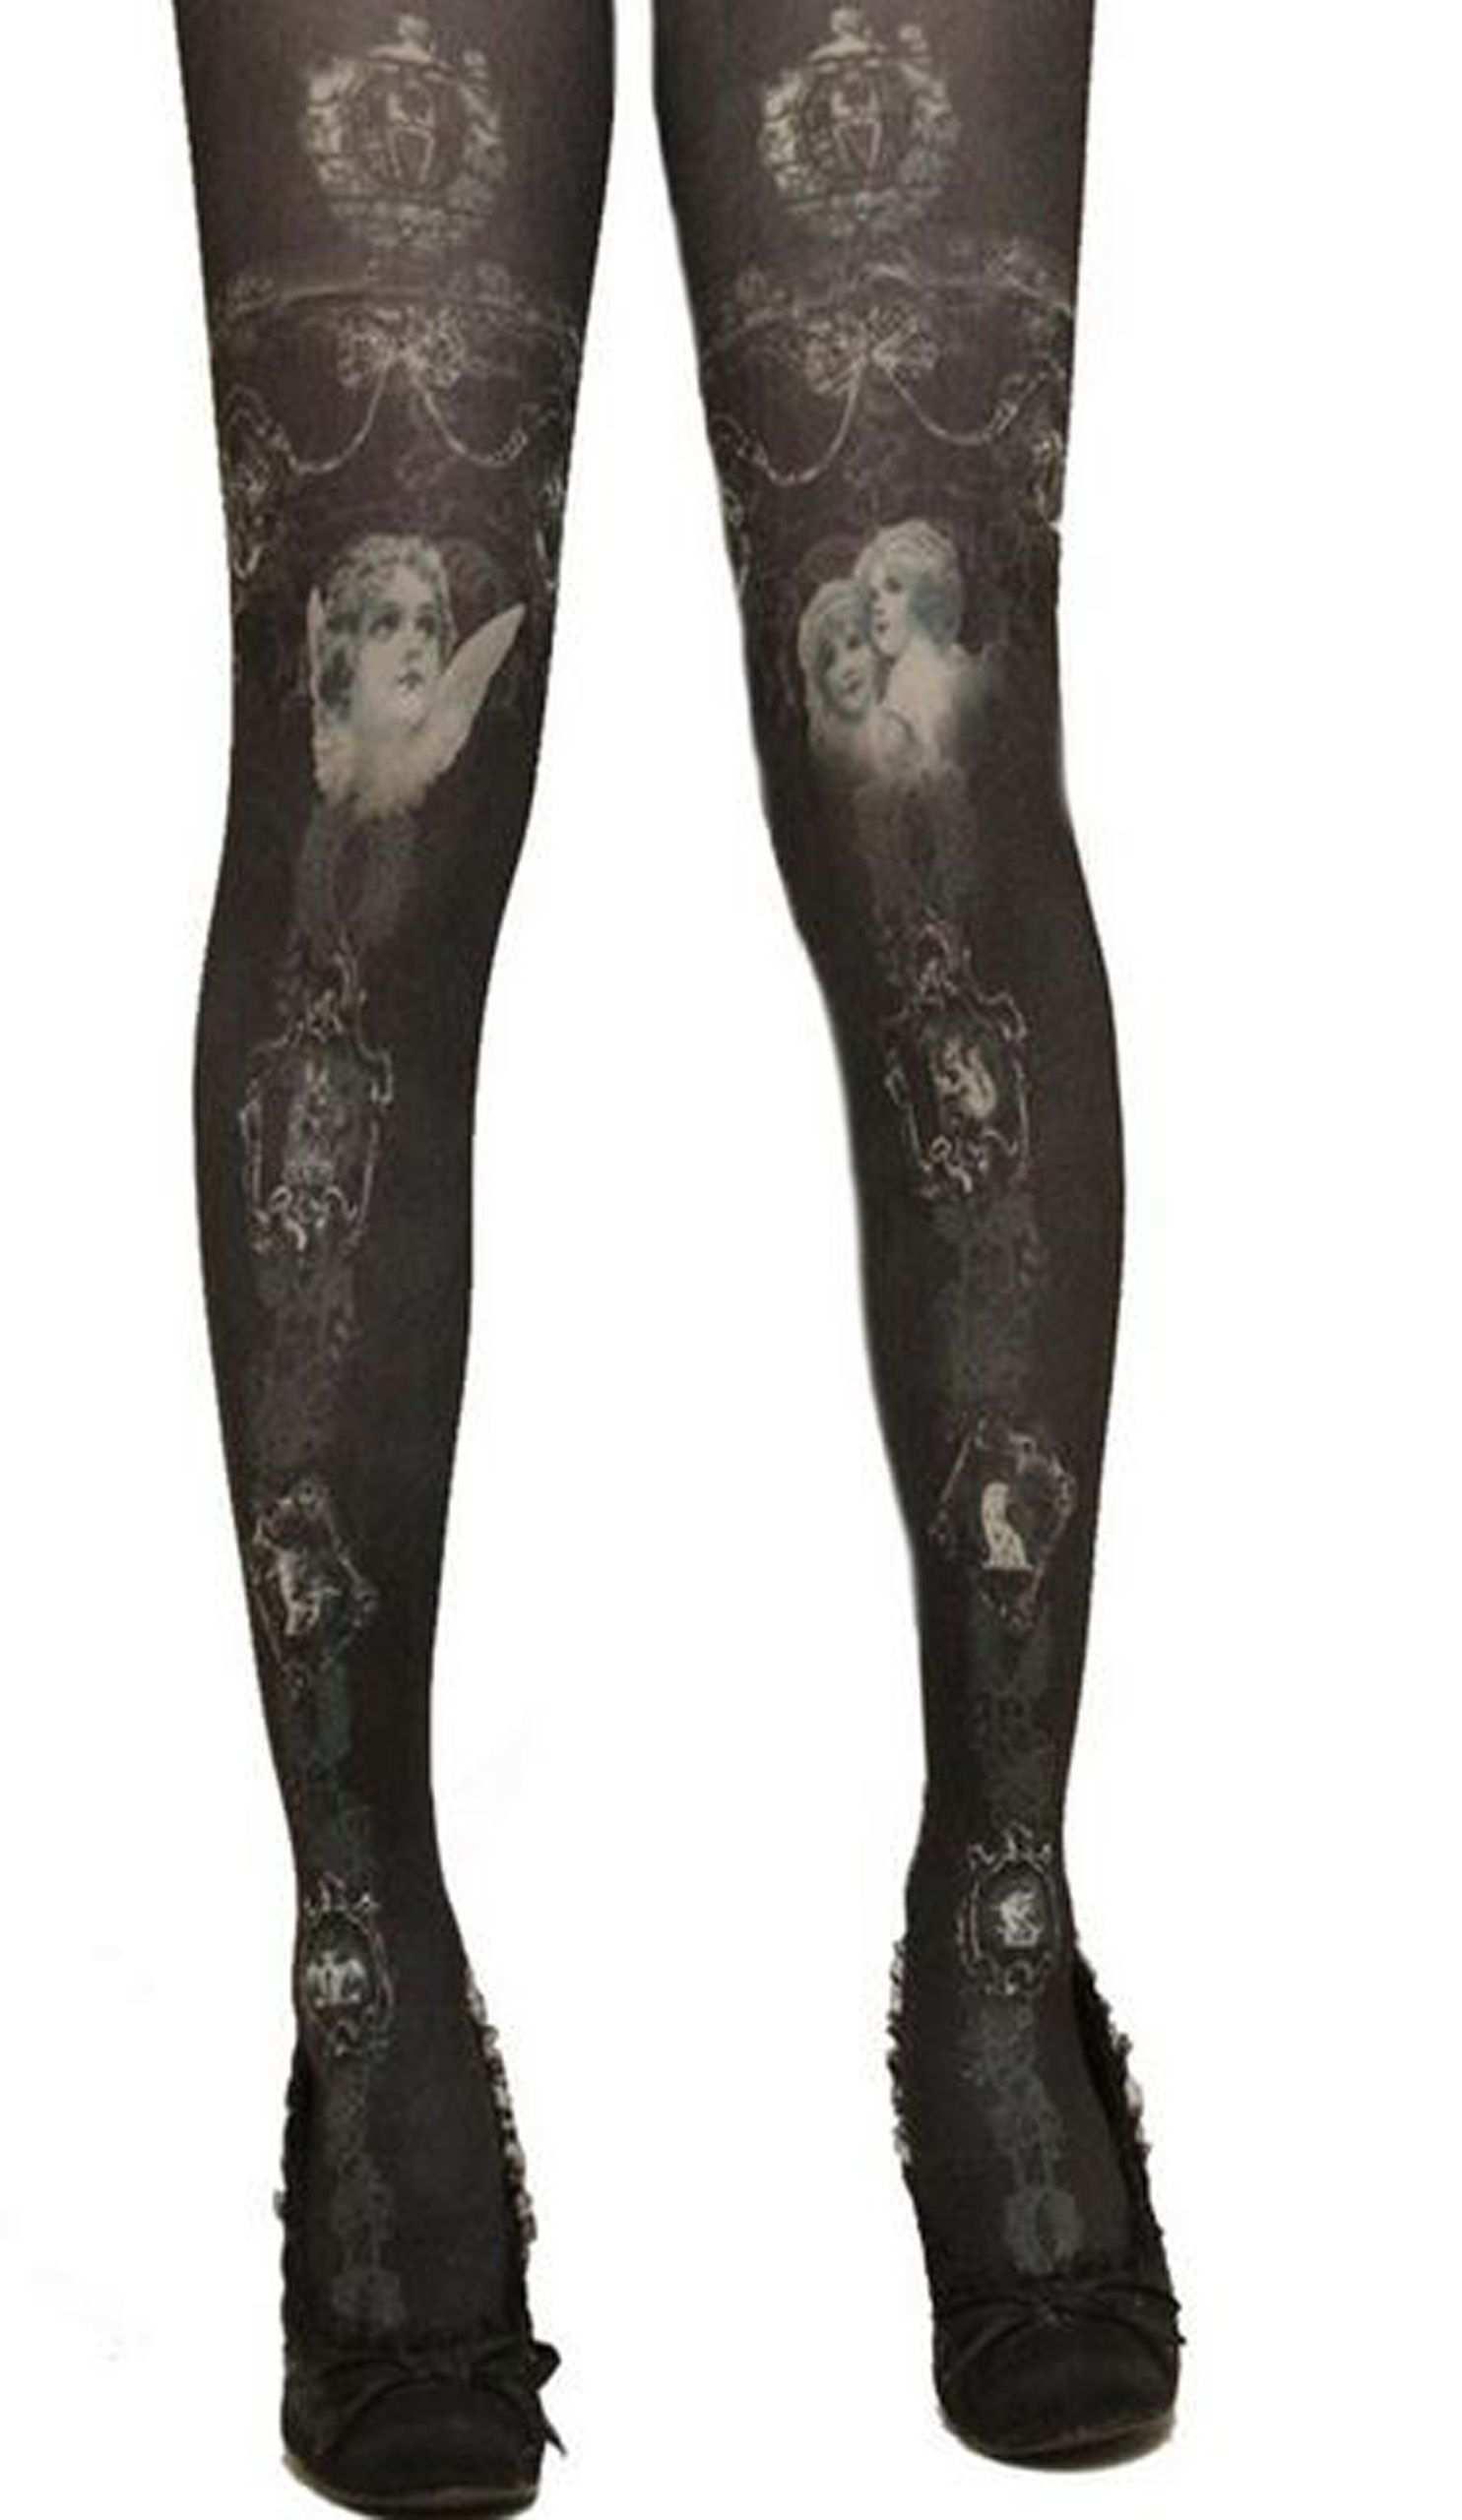 Strumpfhosen Strumpfhose Socken Anziehsachen